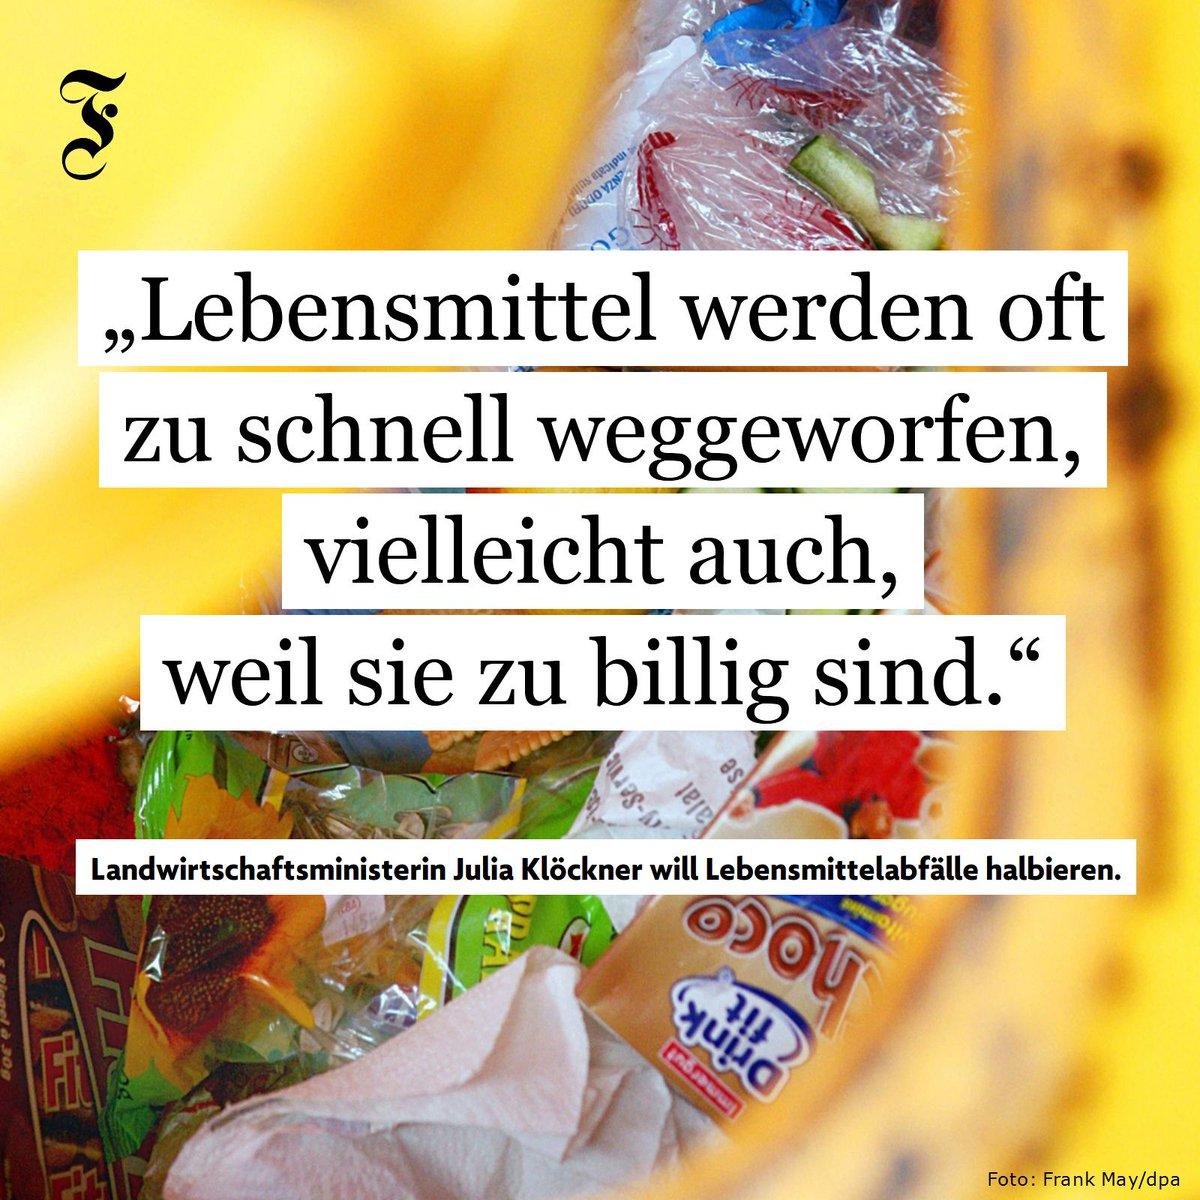 Ernährungsministerin @JuliaKloeckner will die Lebensmittelabfälle in Deutschland halbieren. Doch reichen ihre Pläne dazu aus?  https://t.co/4XYTFvVBuO